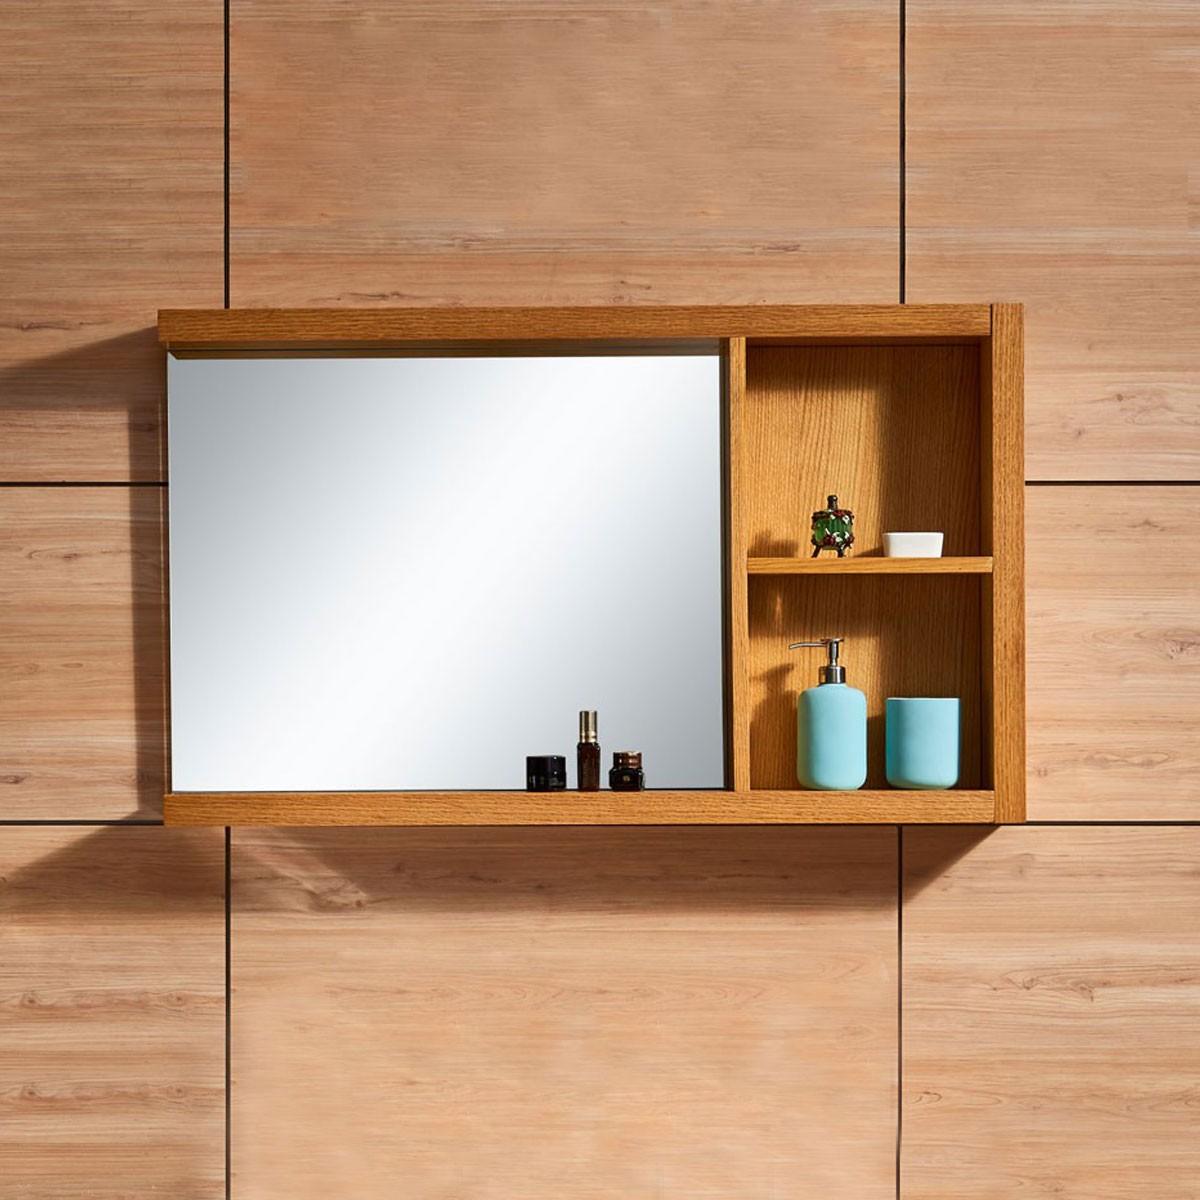 47 x 24 po Miroir pour Meuble Salle de Bain (DK-667120-M)